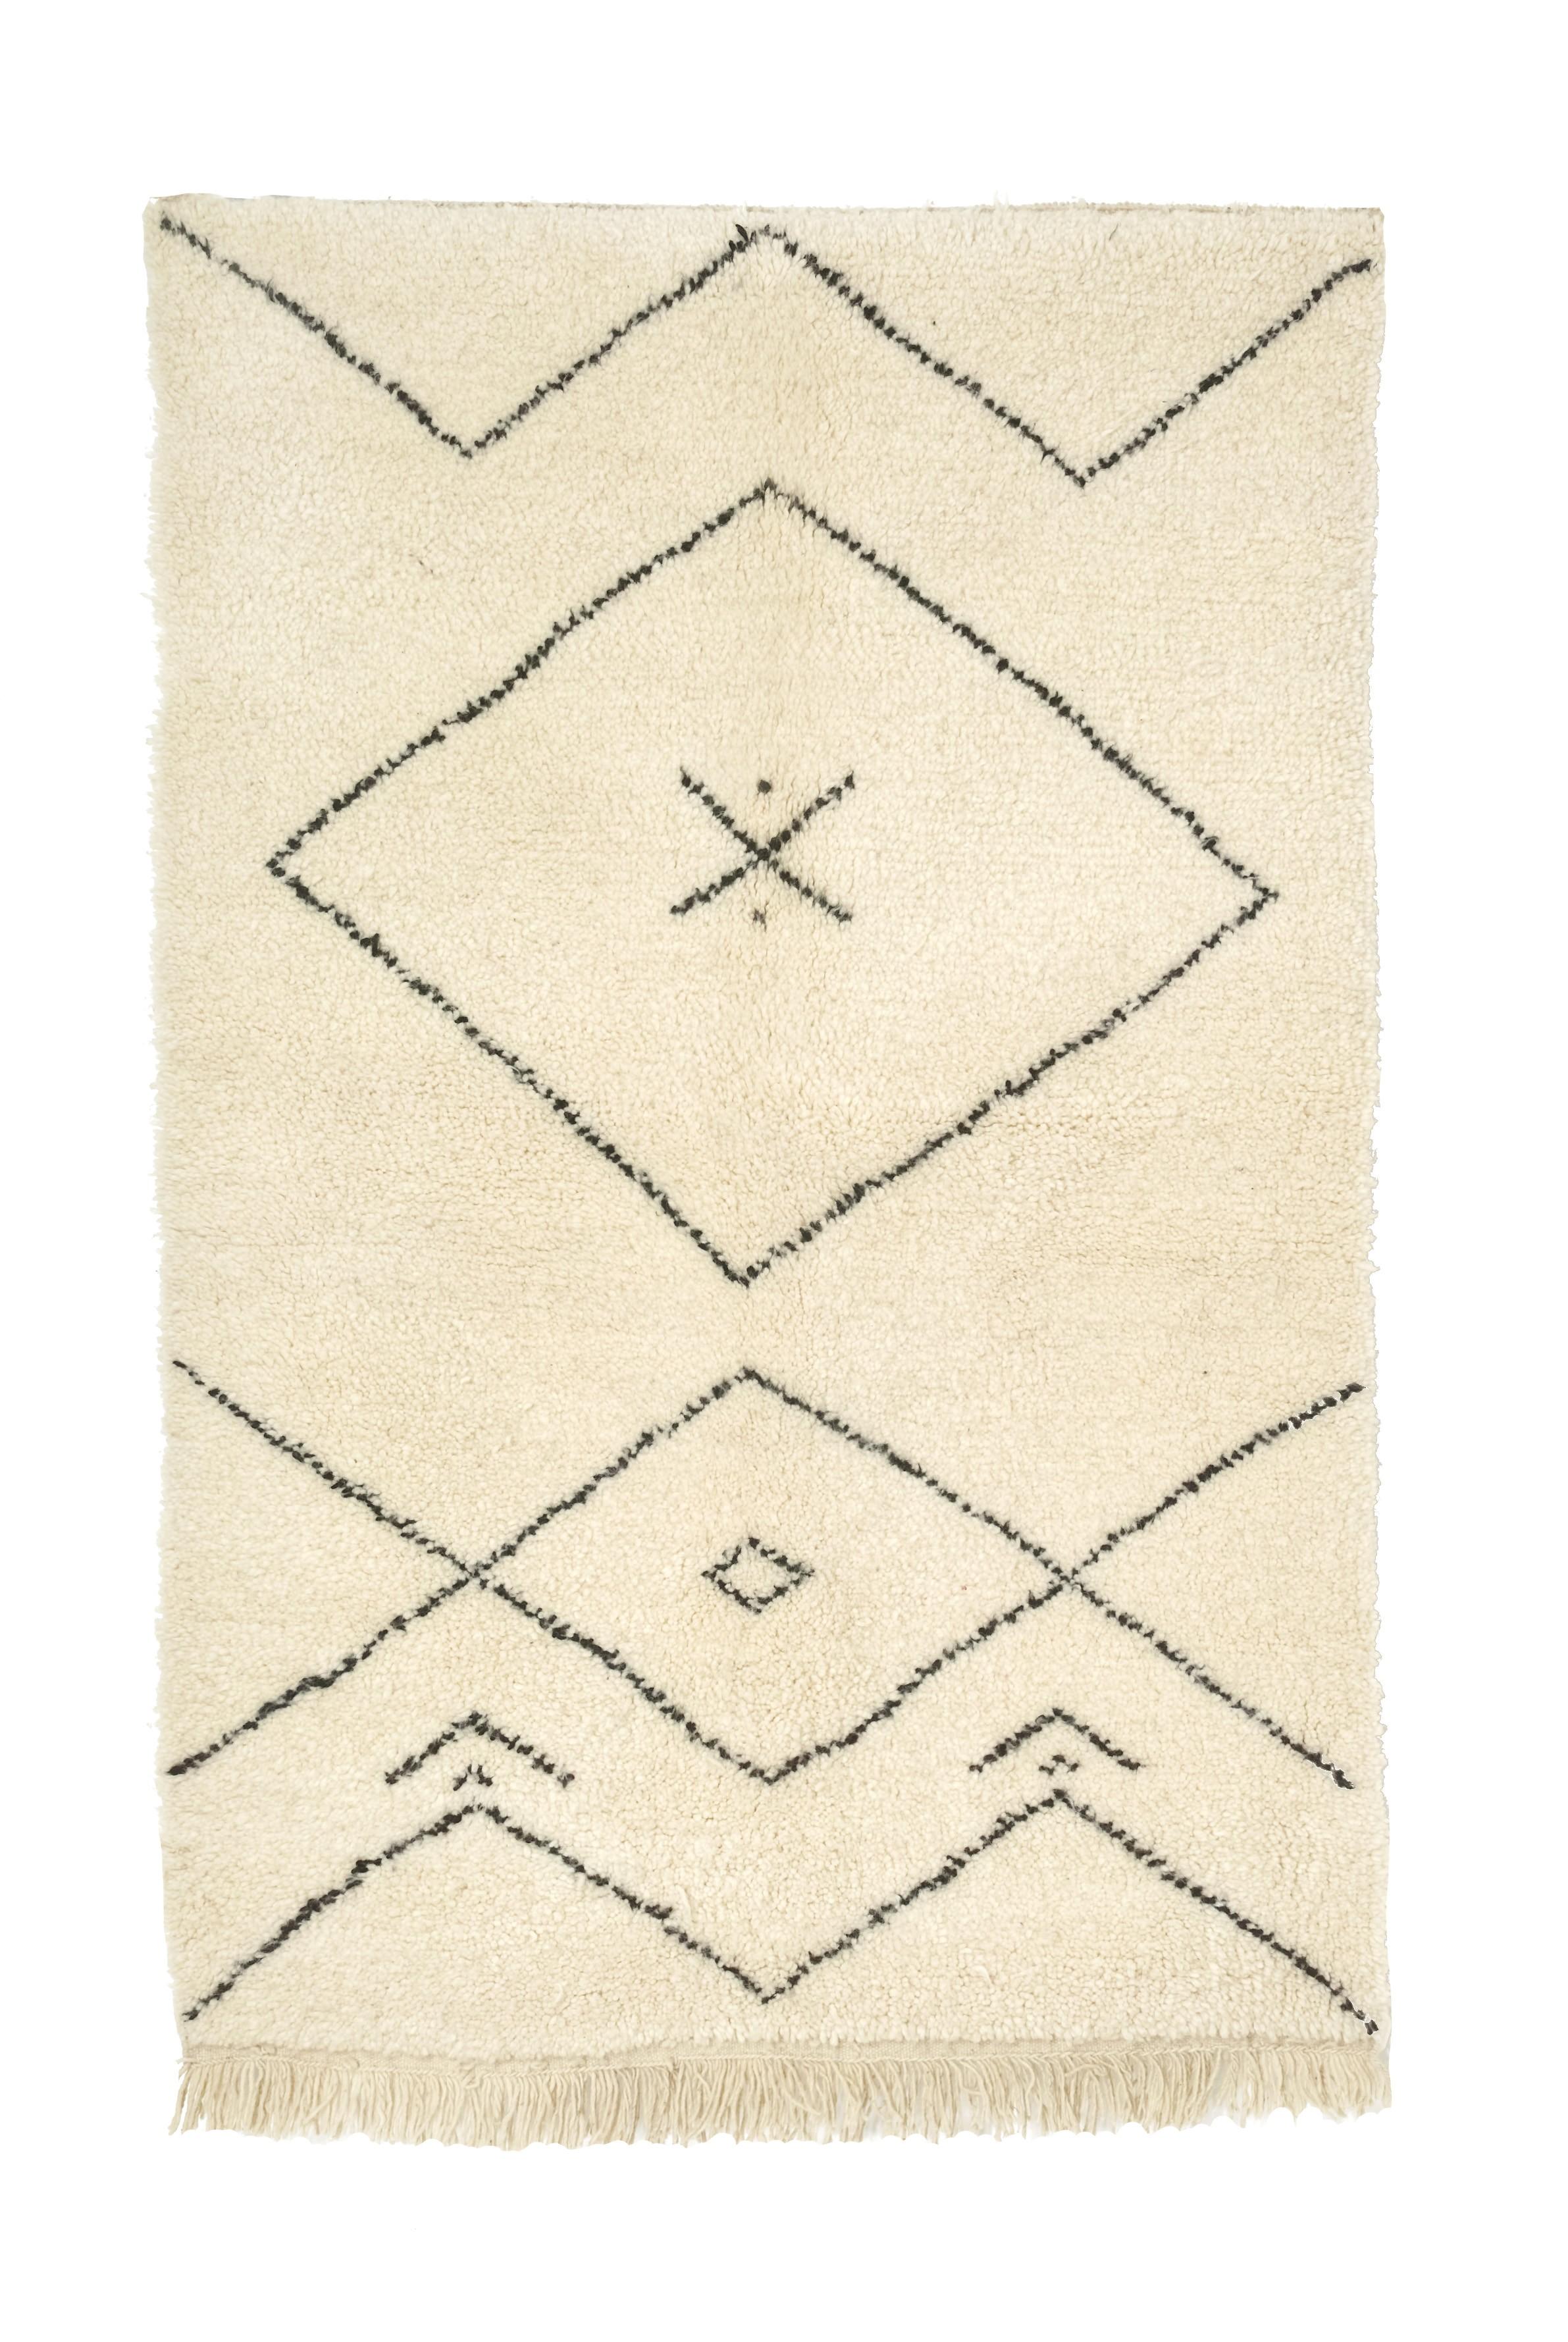 TAPIS BENI OUARAIN 170 x 115 cm